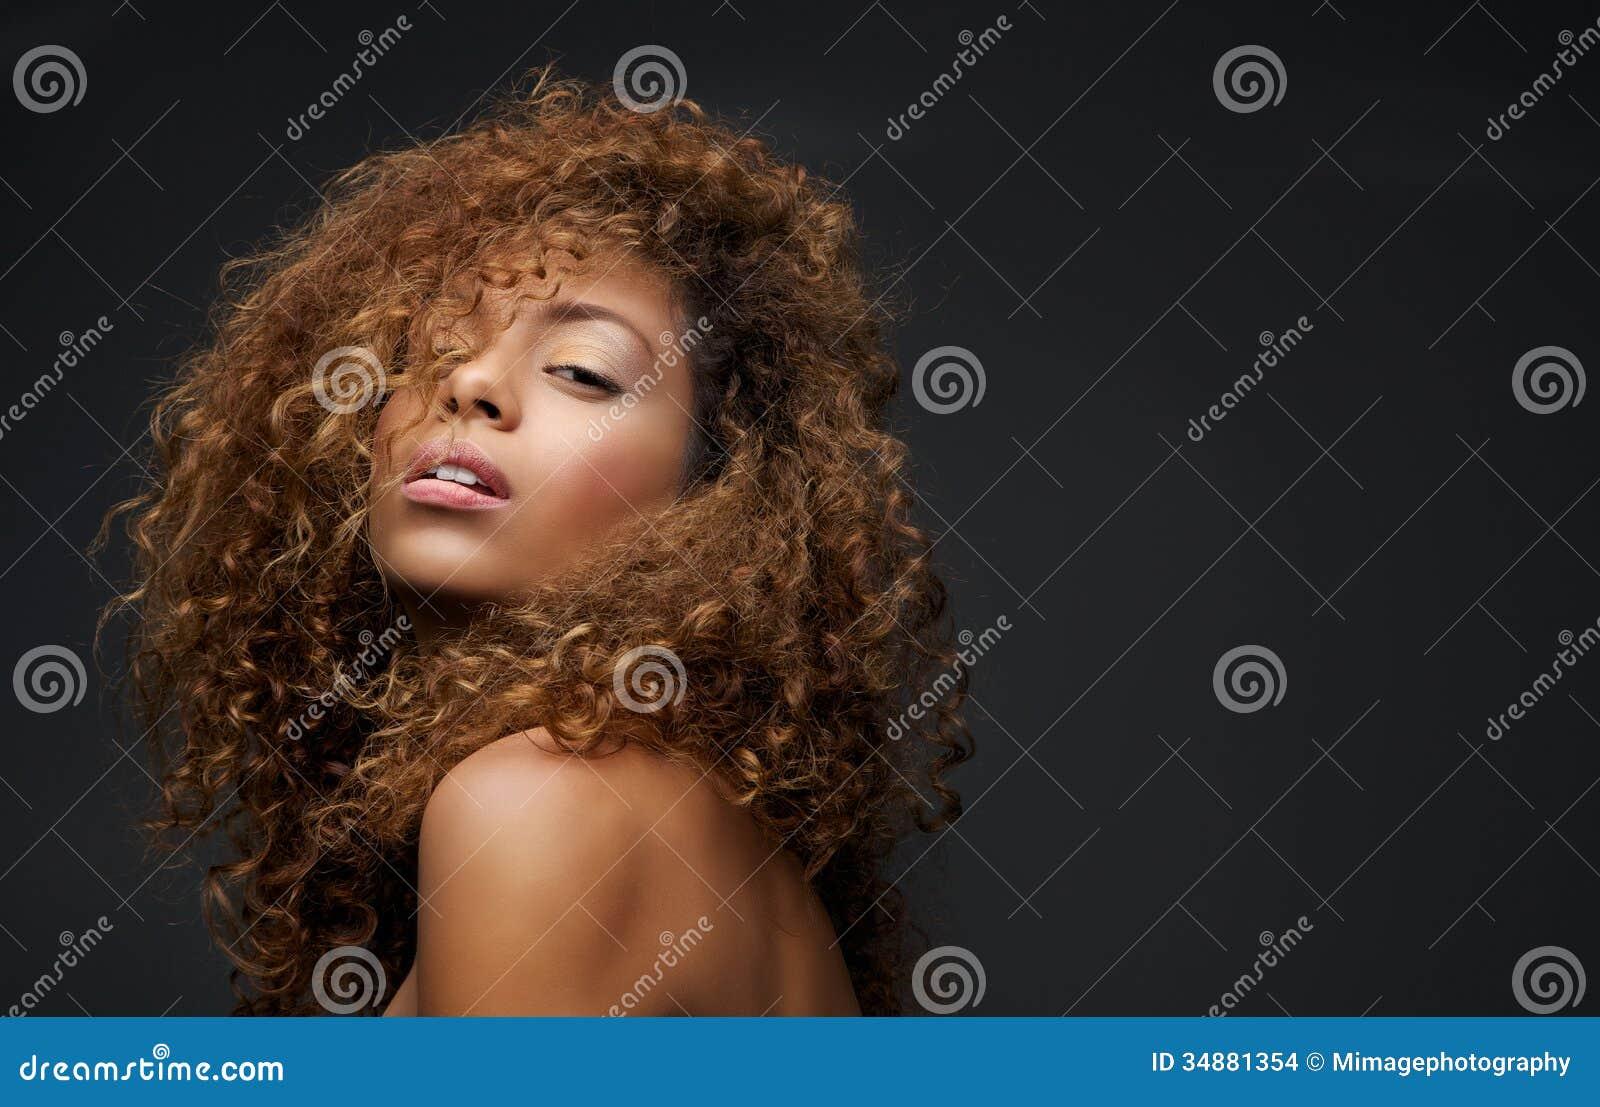 一个美好的女性时装模特儿的画象与卷发的